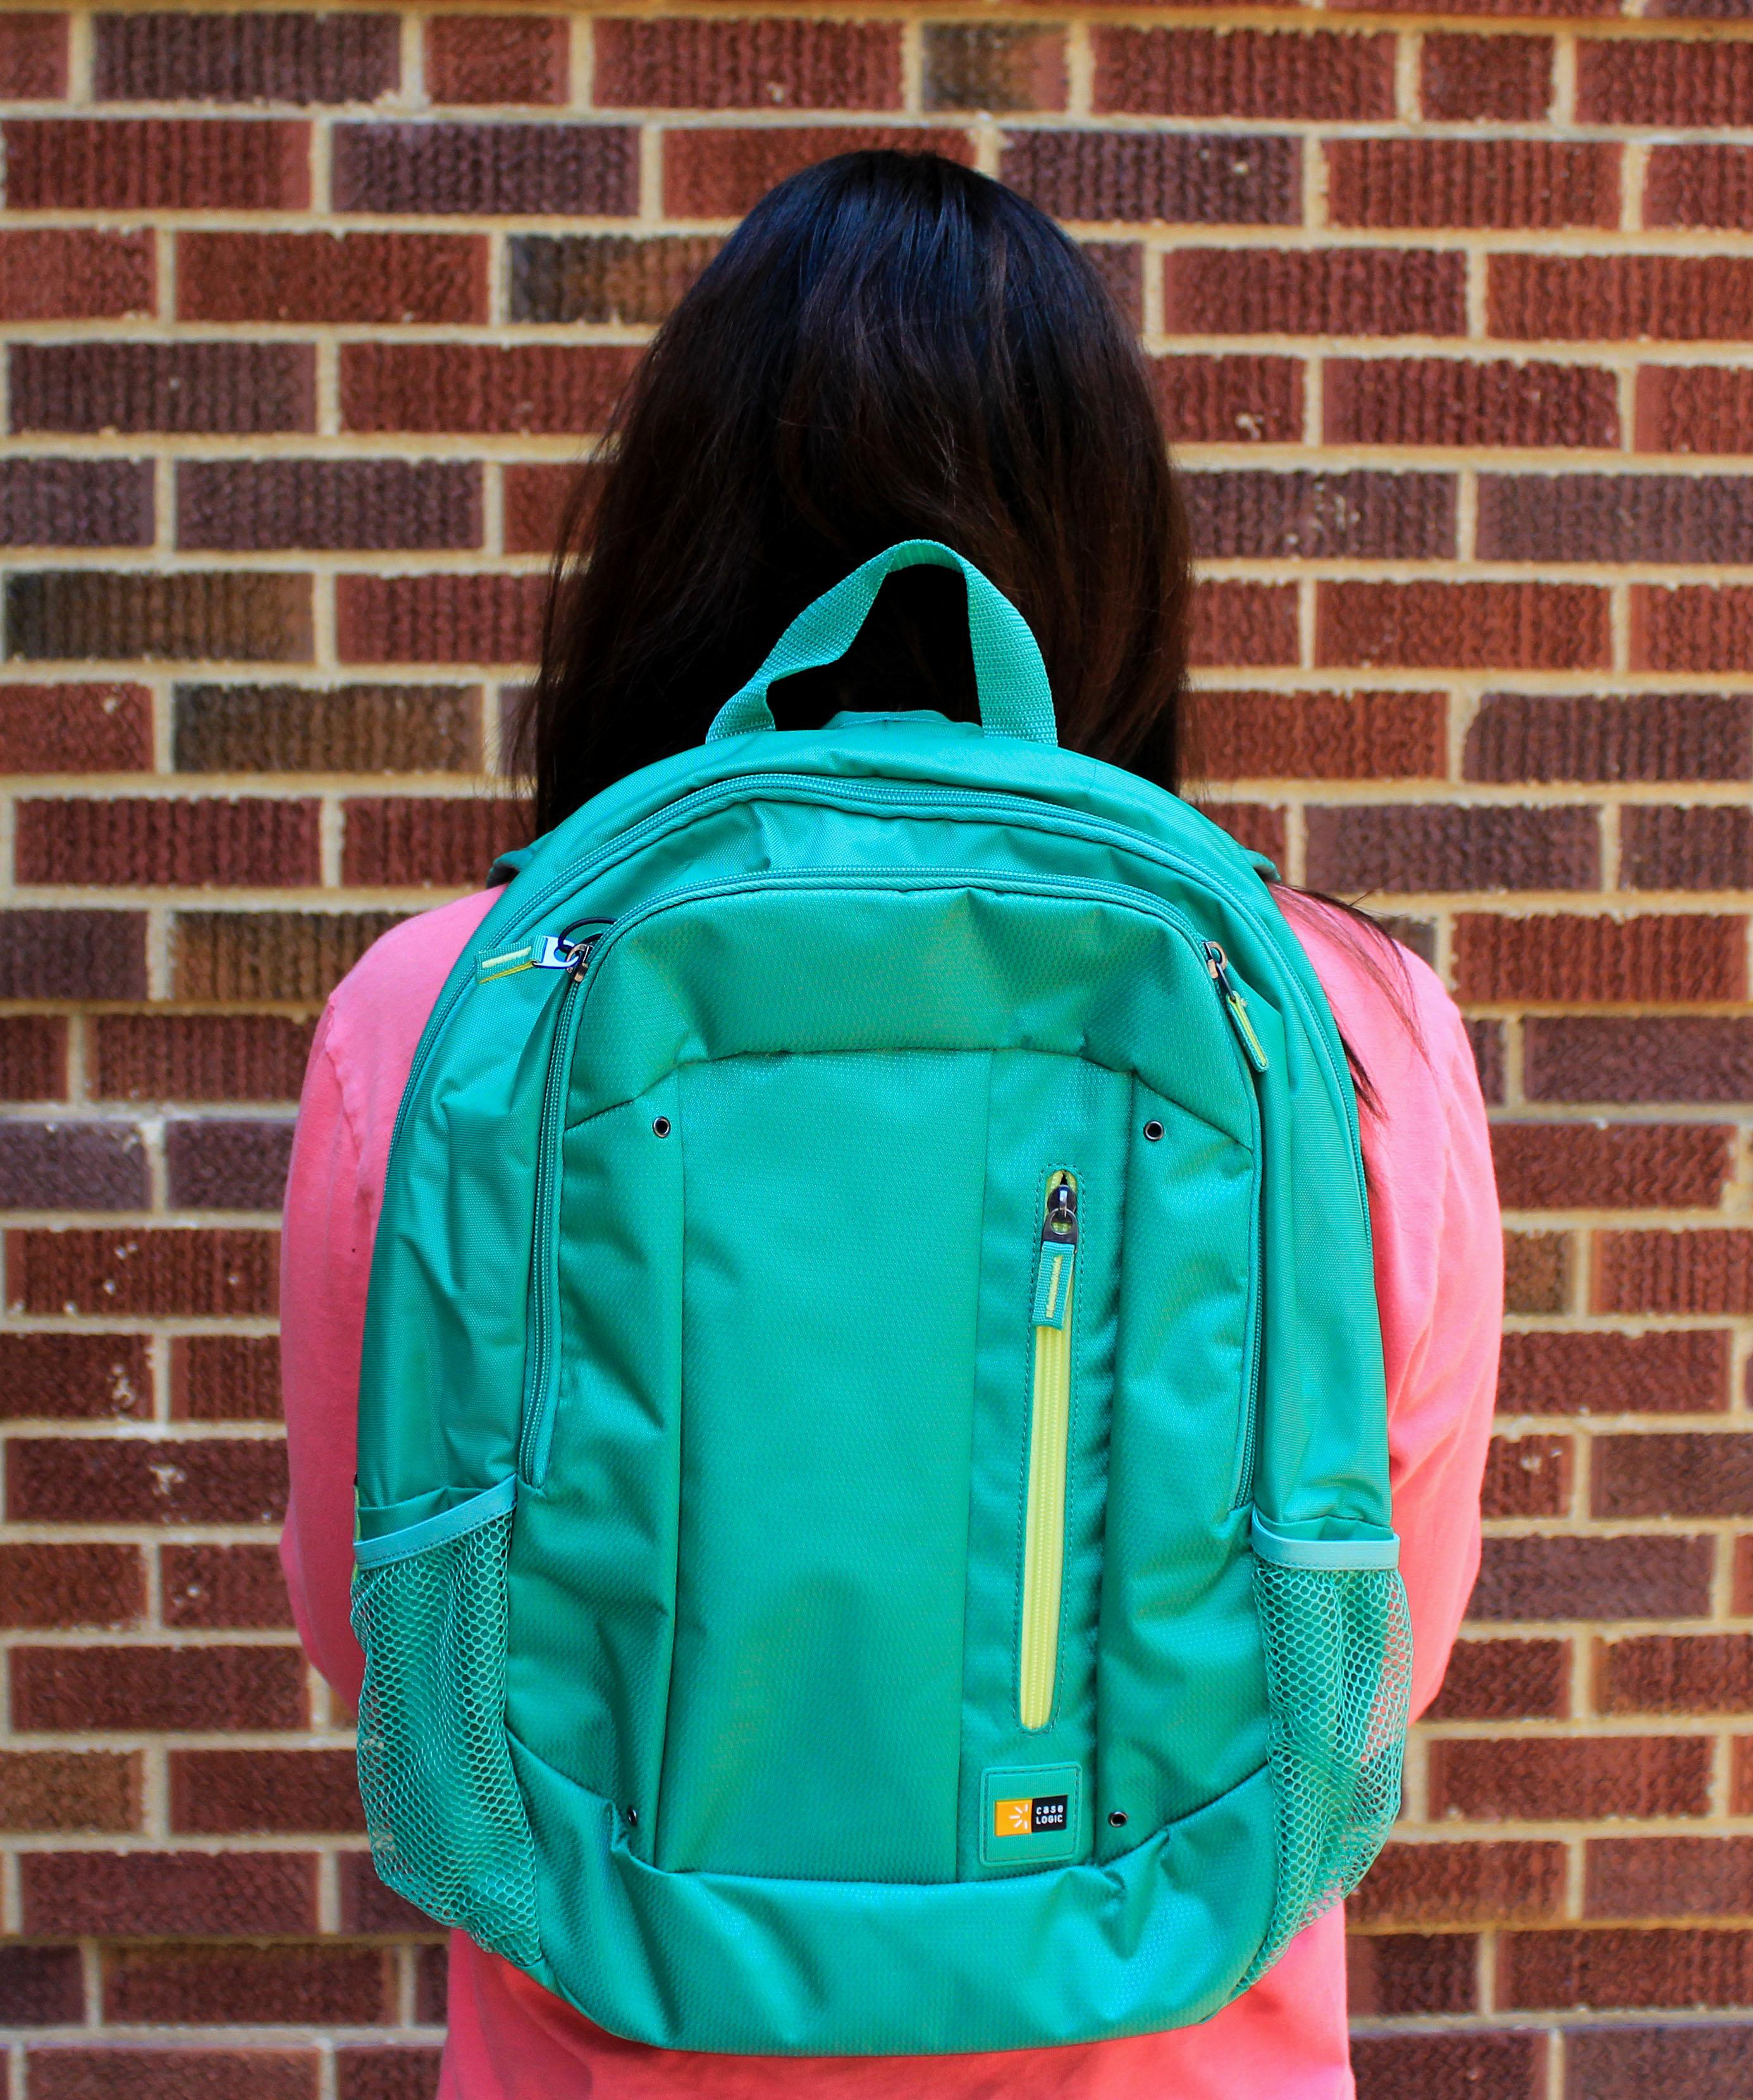 Jaunt Backpack